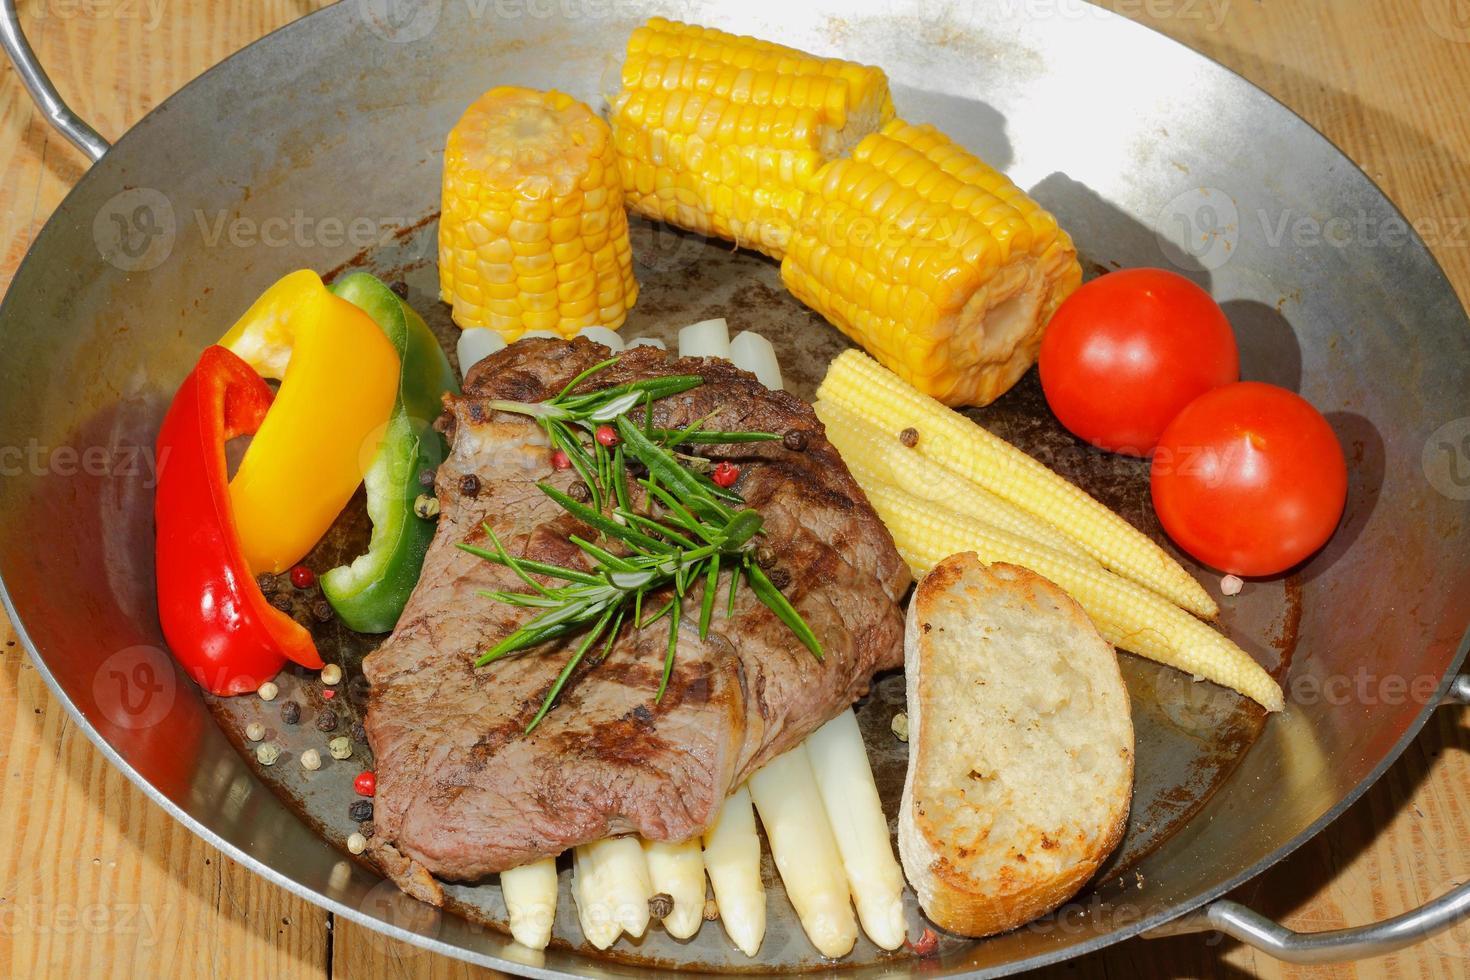 filete de ternera a la parrilla espárragos, pimientos, mazorca de maíz foto